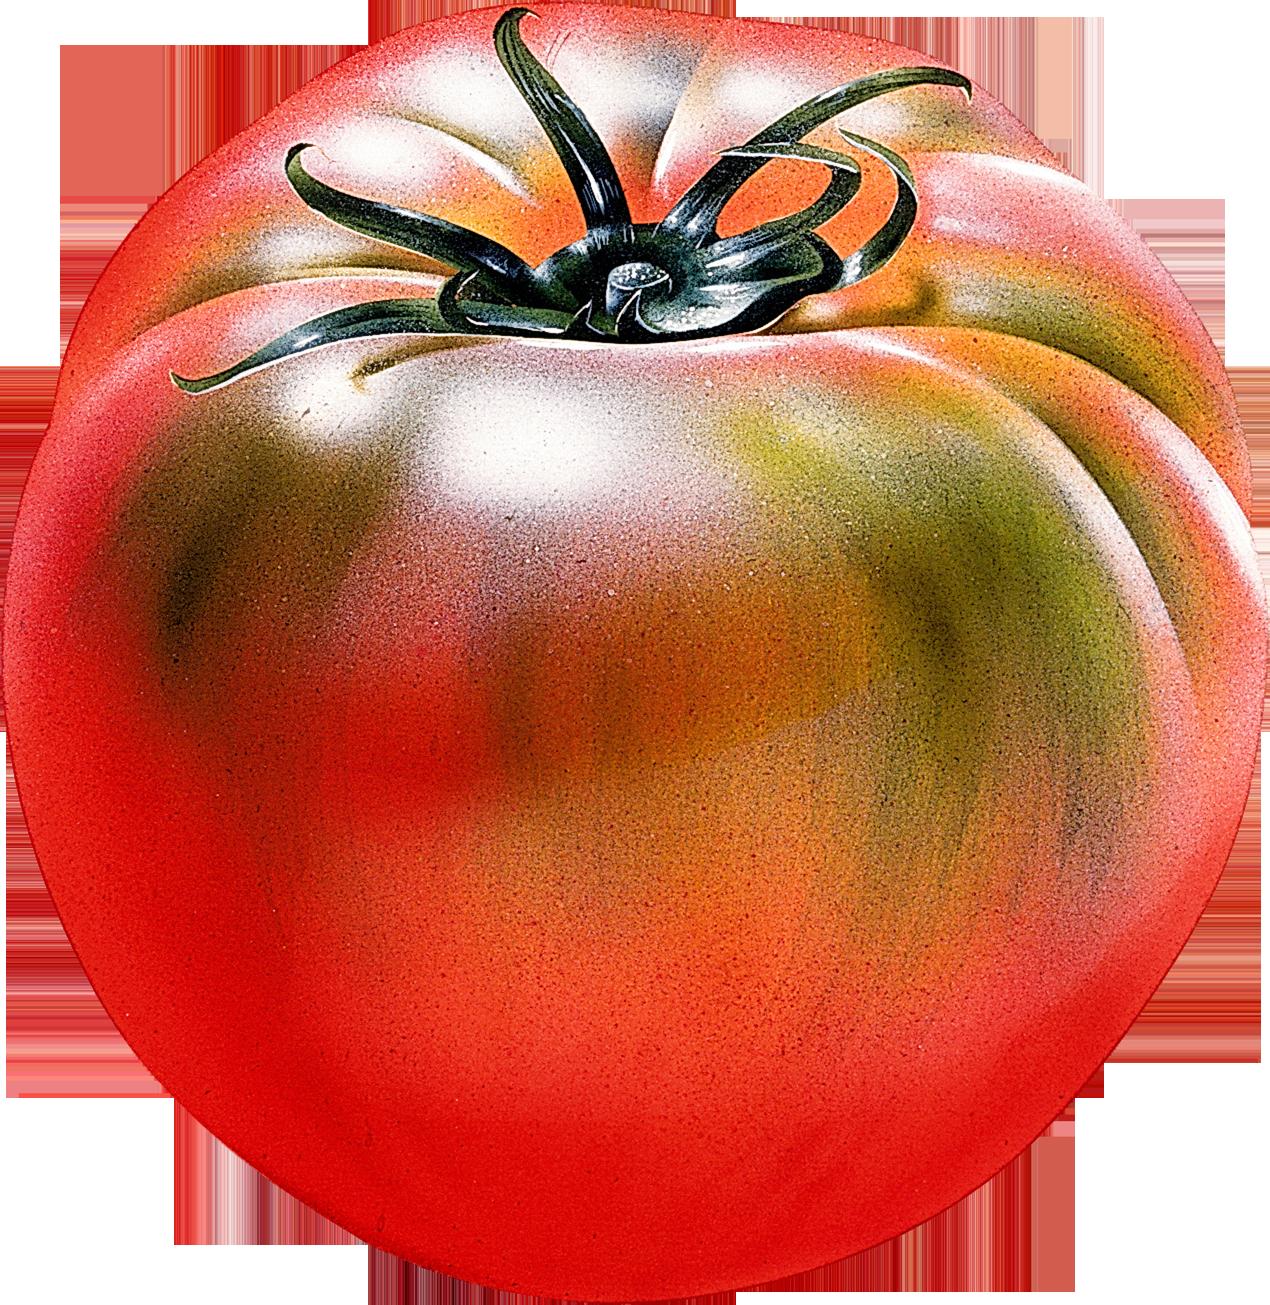 Красный помидор с зелеными разводами